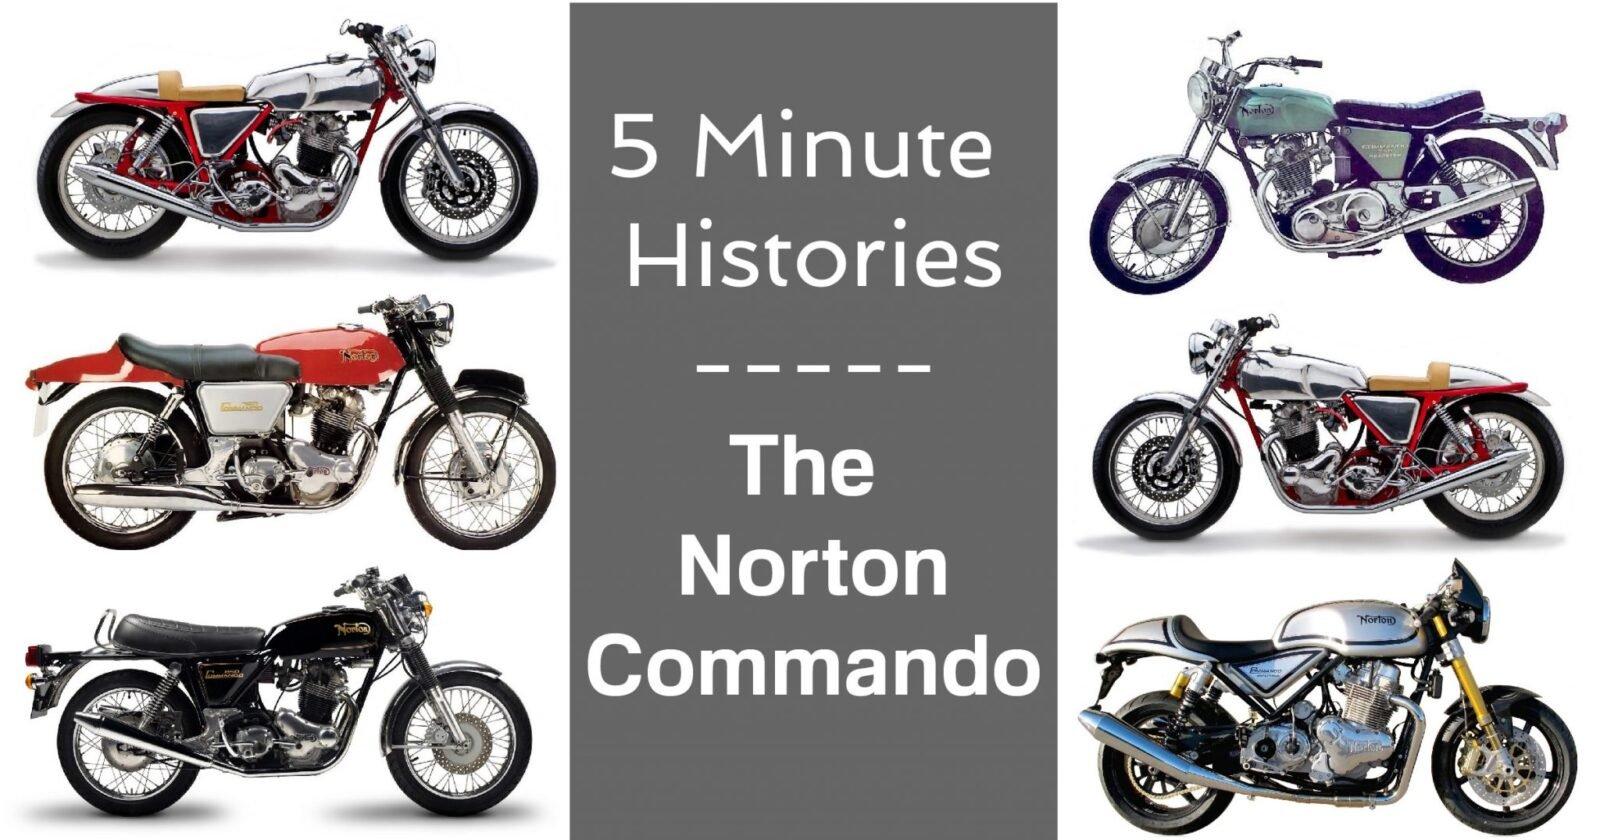 5 Minute Histories The Norton Commando